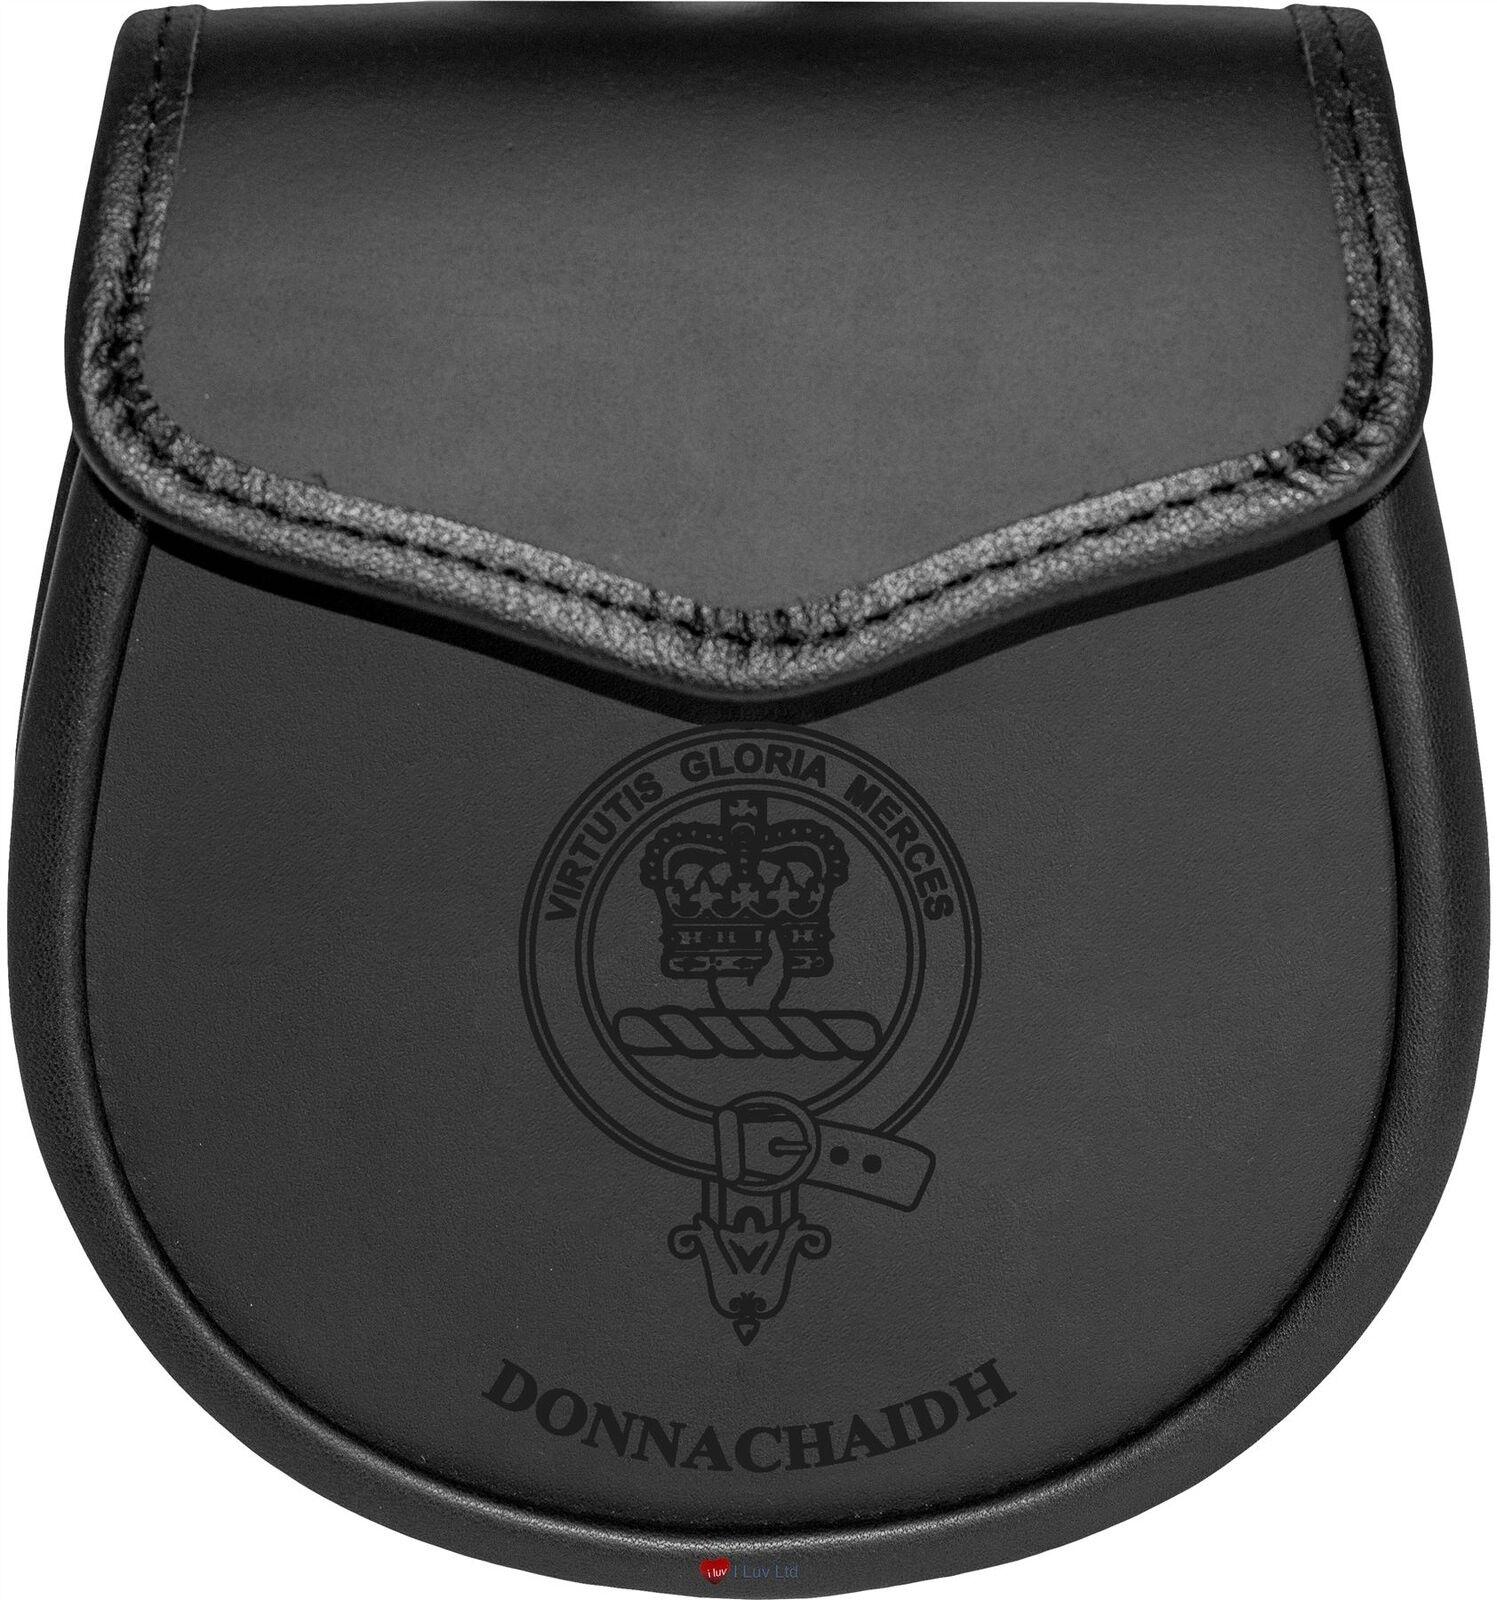 Donnachaidh Leather Day Sporran Scottish Clan Crest